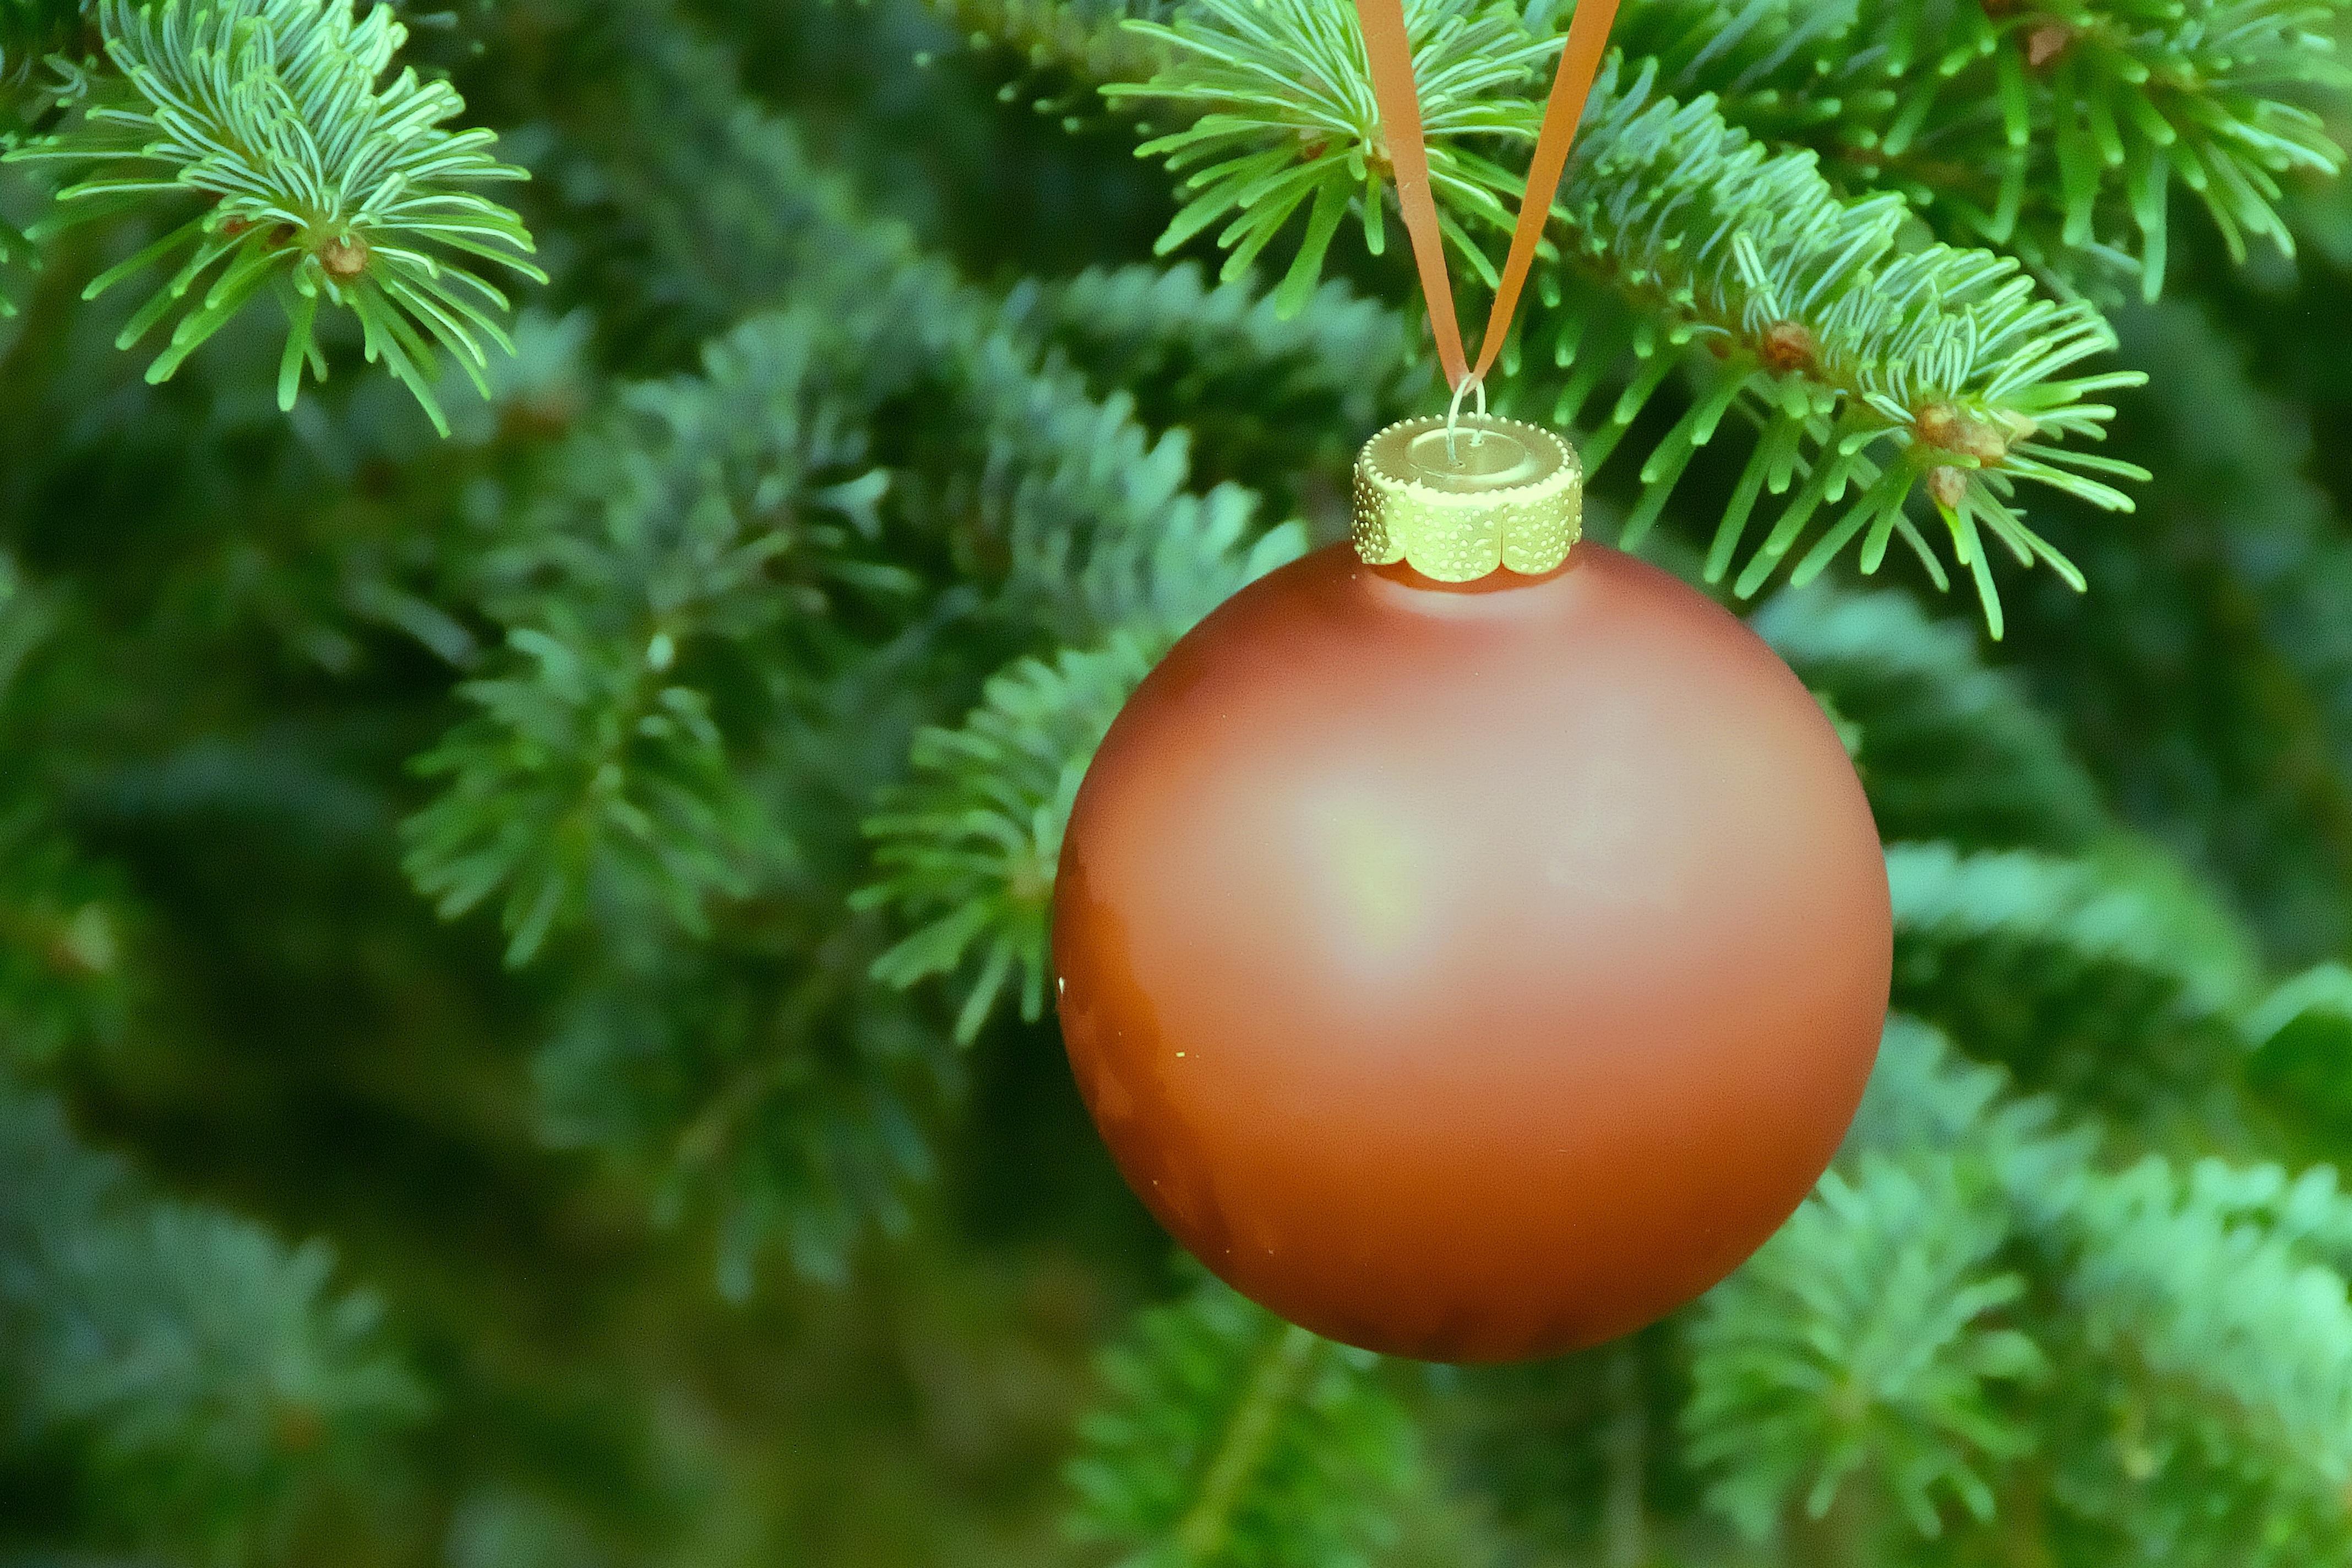 Fotos gratis rama planta flor abeto rbol de Navidad